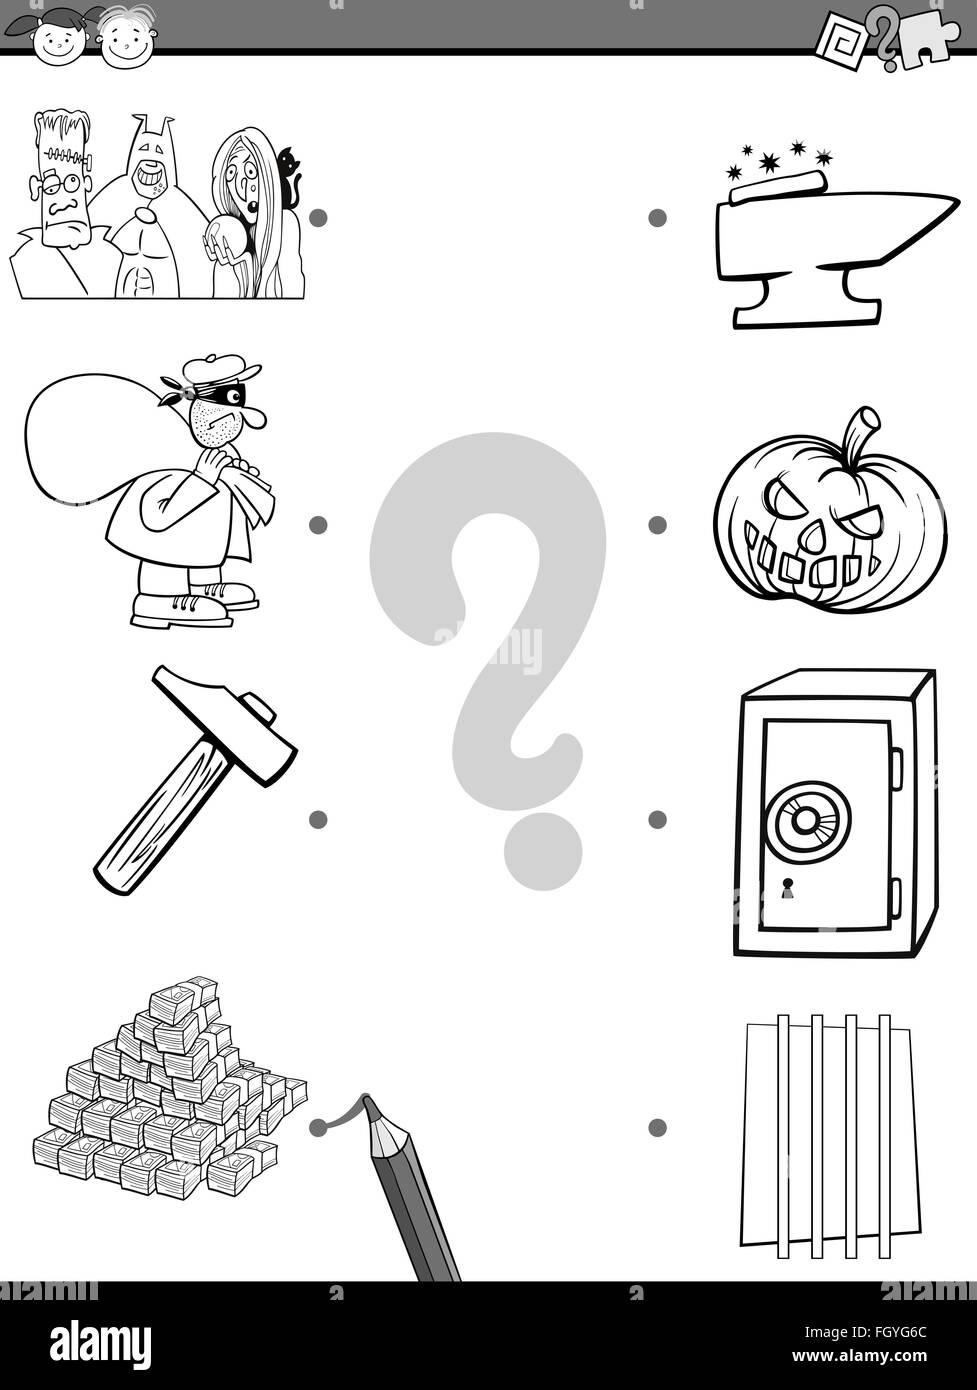 Atractivo Páginas Educativas Para Colorear Friso - Dibujos de ...